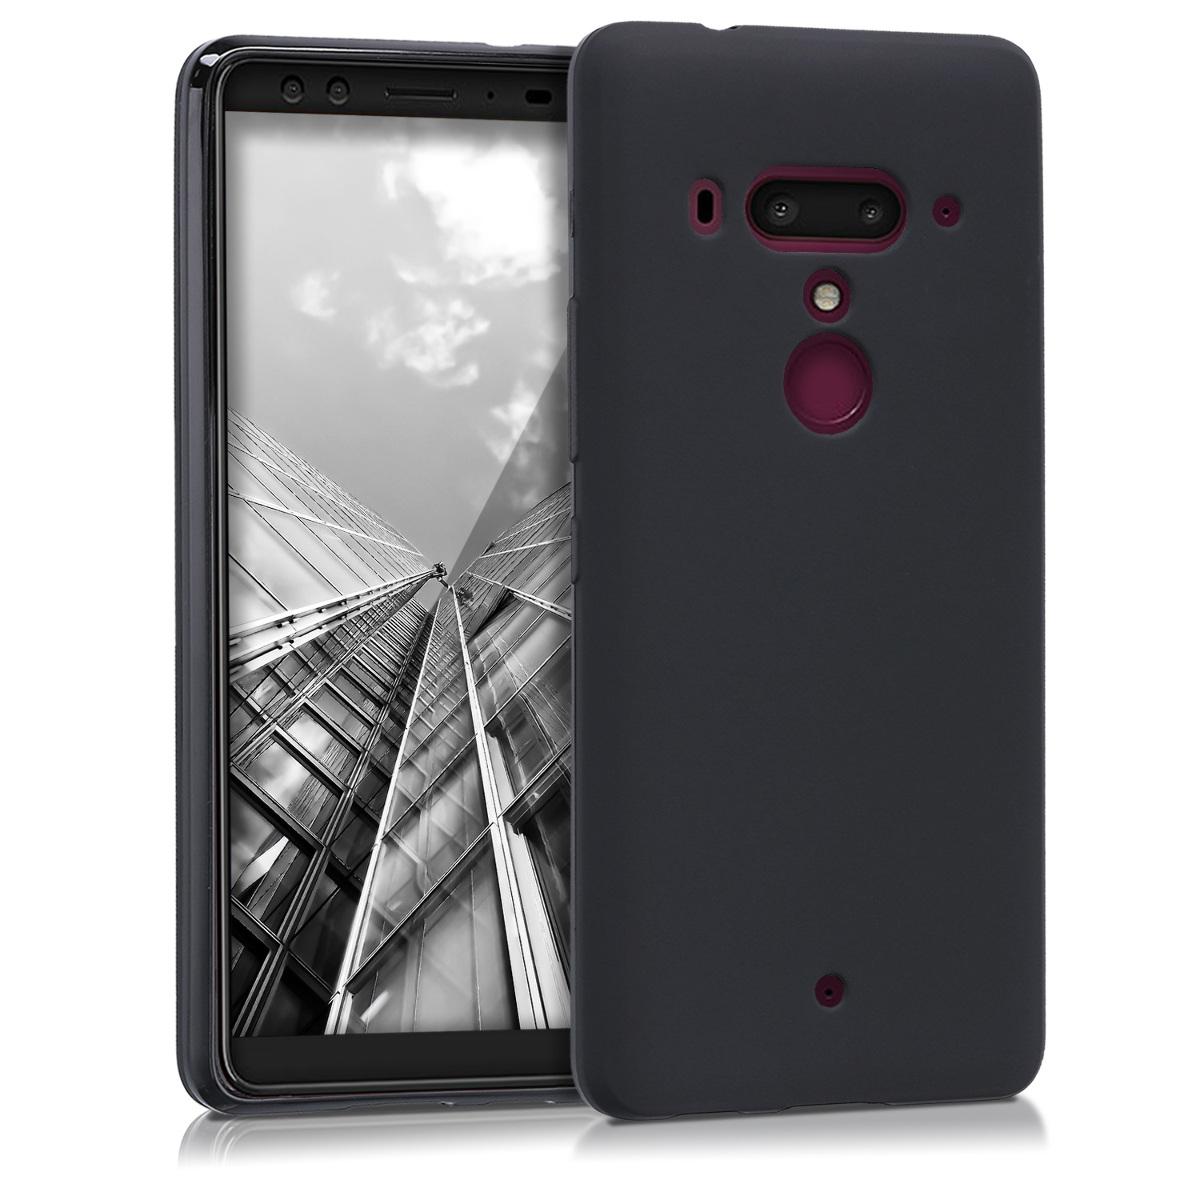 KW Θήκη Σιλικόνης HTC U12 Plus - Μαύρο (44931.47)